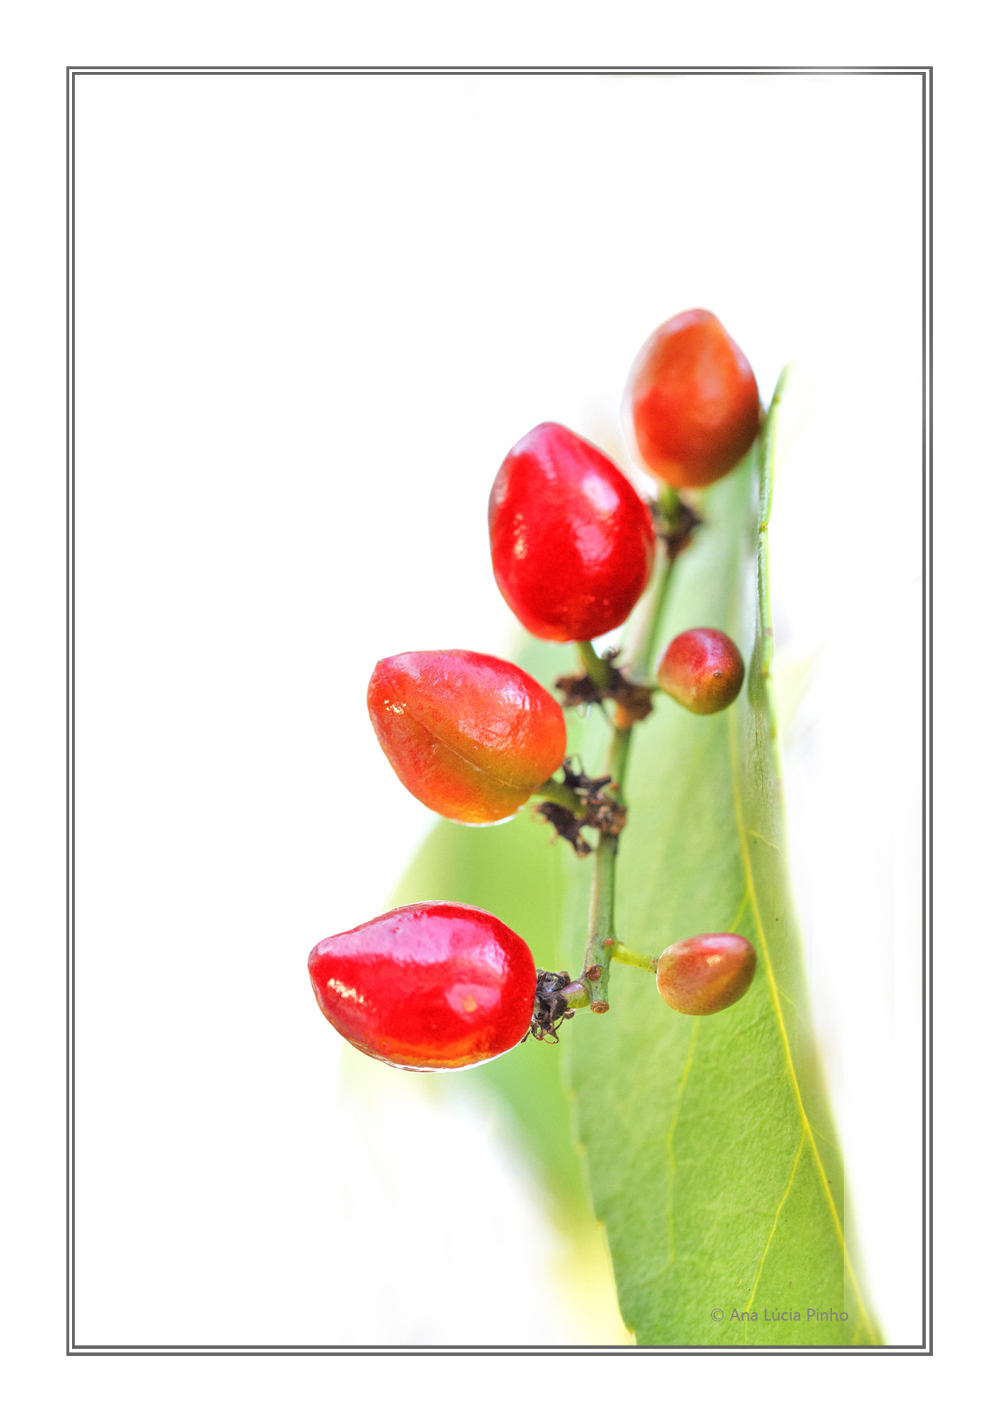 arvore serra-do-açor outono azereiro fruto high-ke